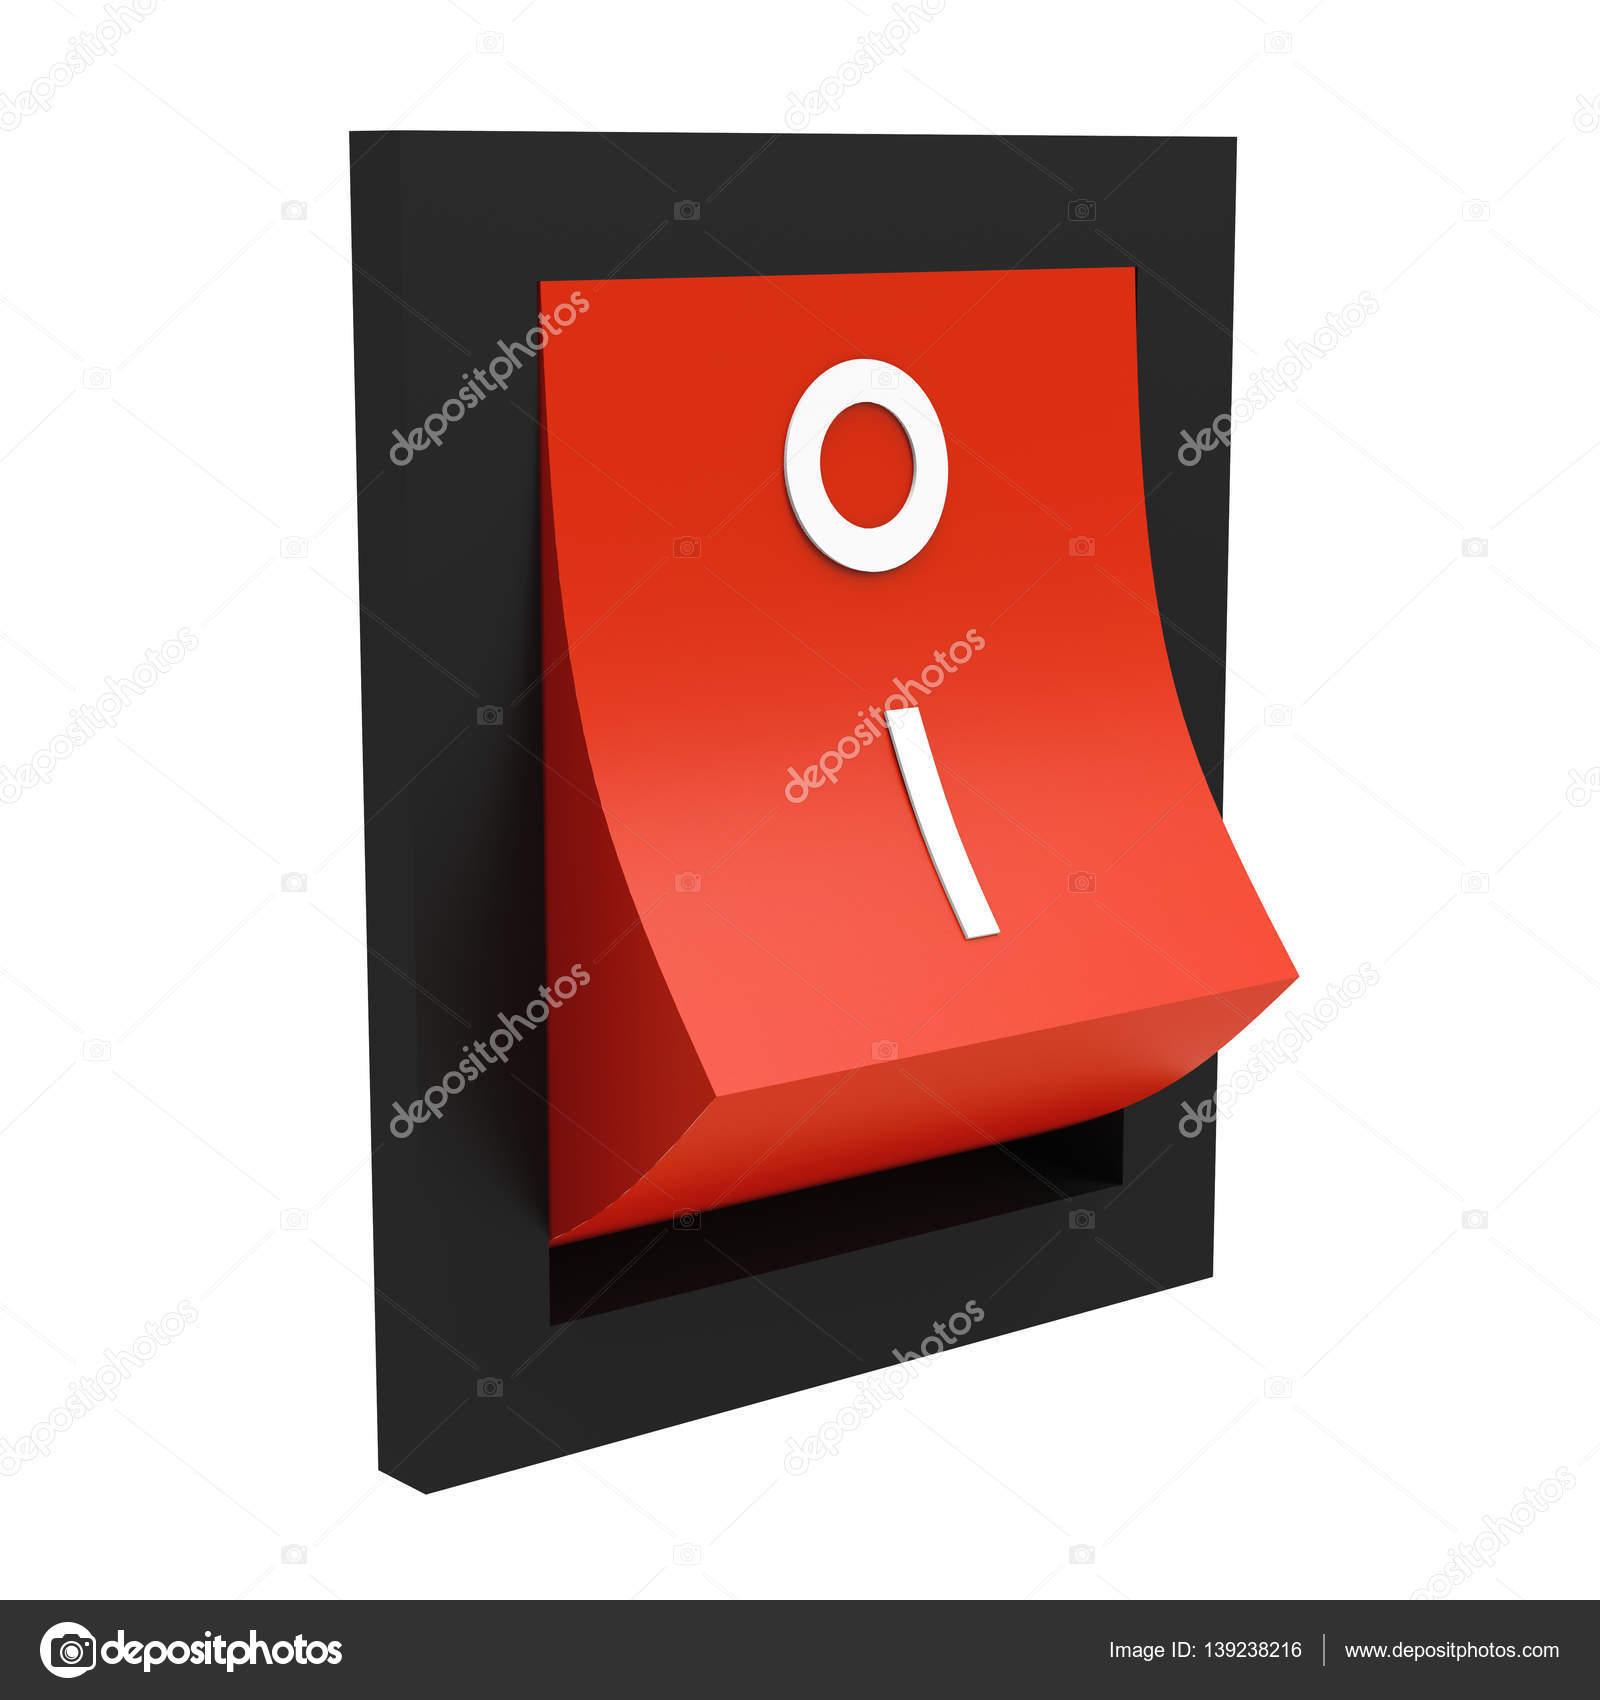 Elektrische Schalter auf weiß — Stockfoto © tom19275 #139238216